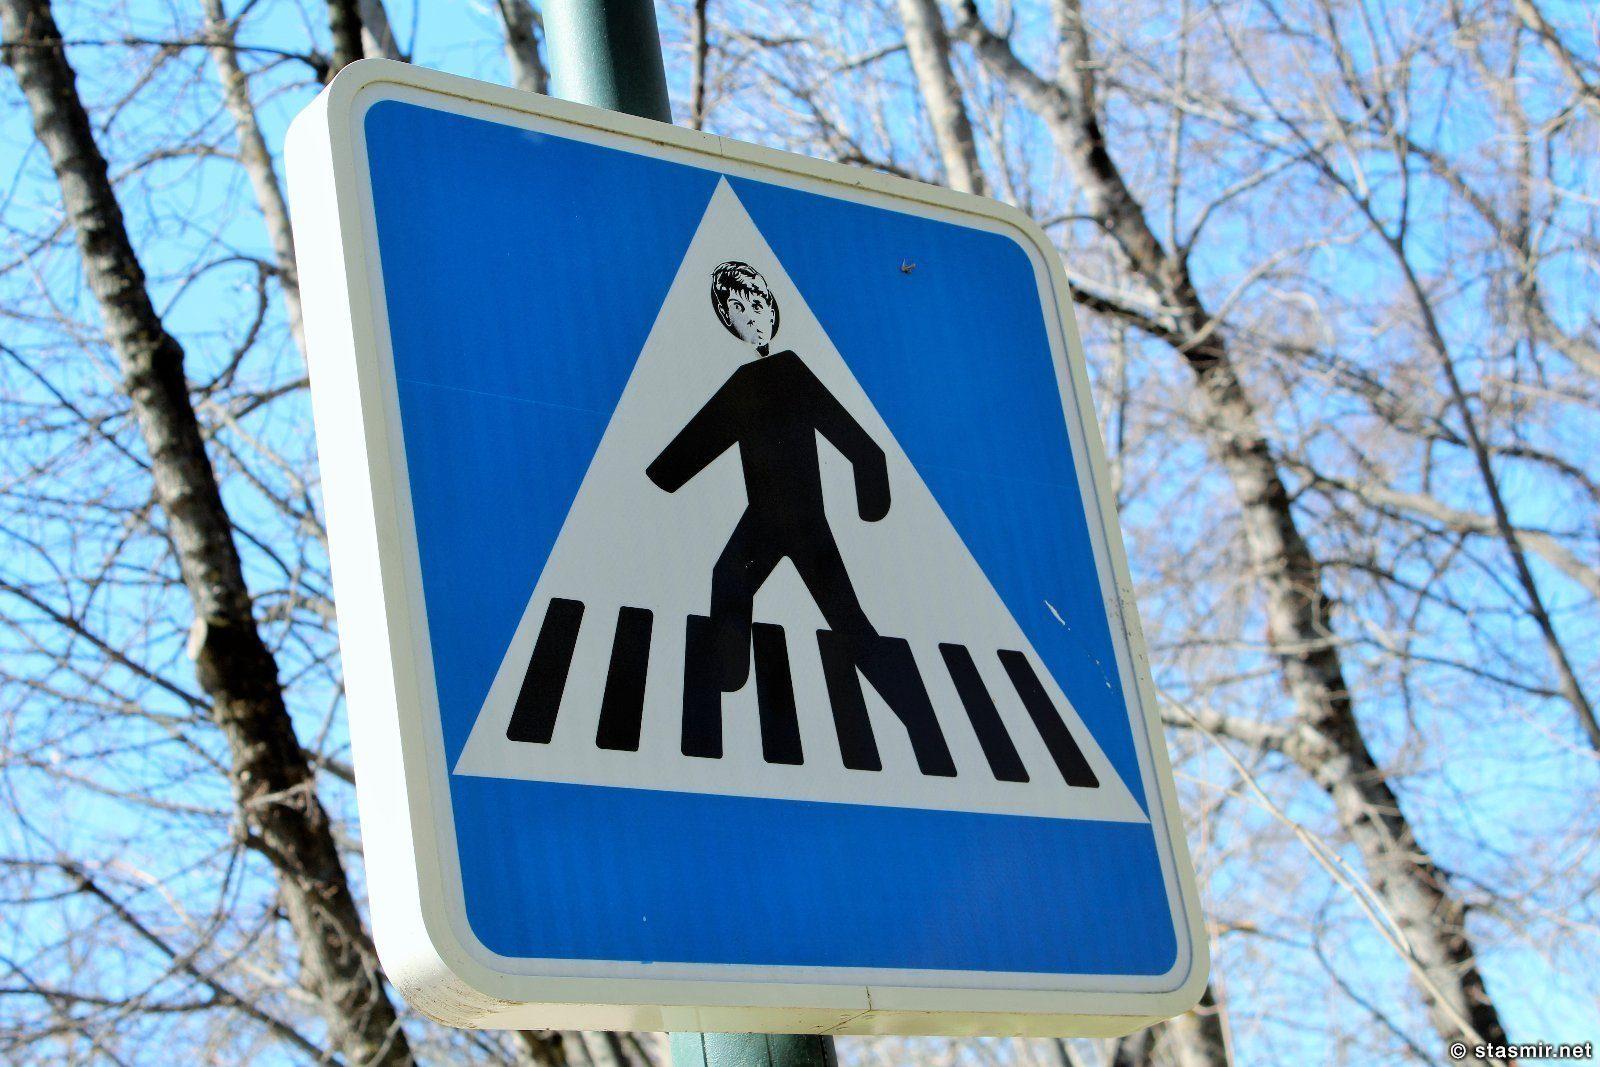 Дорожные знаки, Испания, пешеходный переход, Пол Маккартни, Андалусия,  Гранада. Альамбра, Photo Stasmir, фото Стасмир